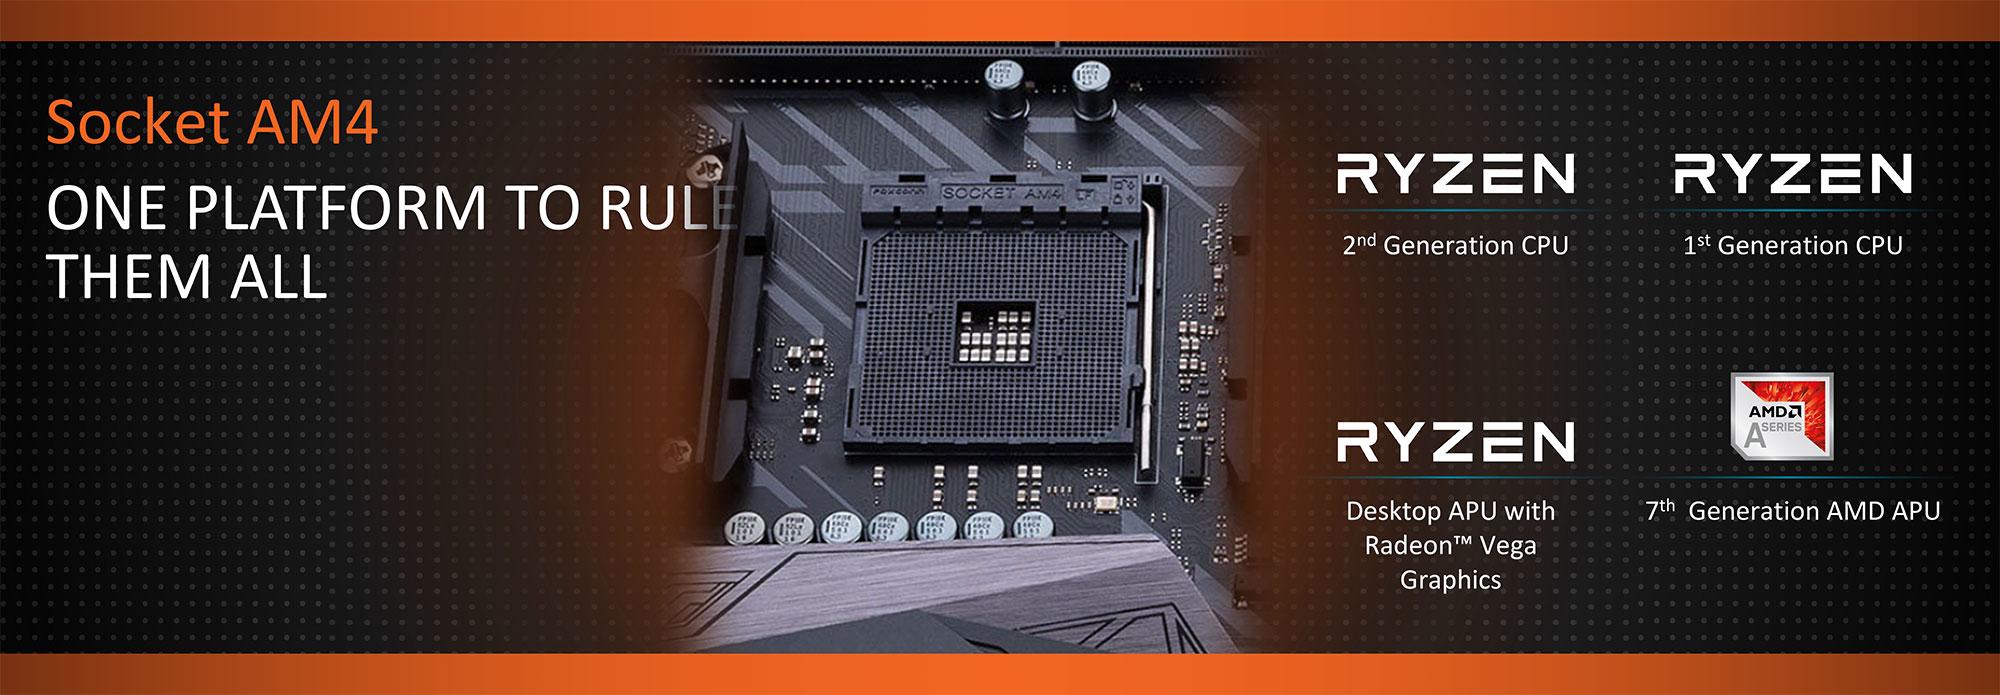 CES 2018: AMD Announces 2nd Generation Ryzen CPUs for April